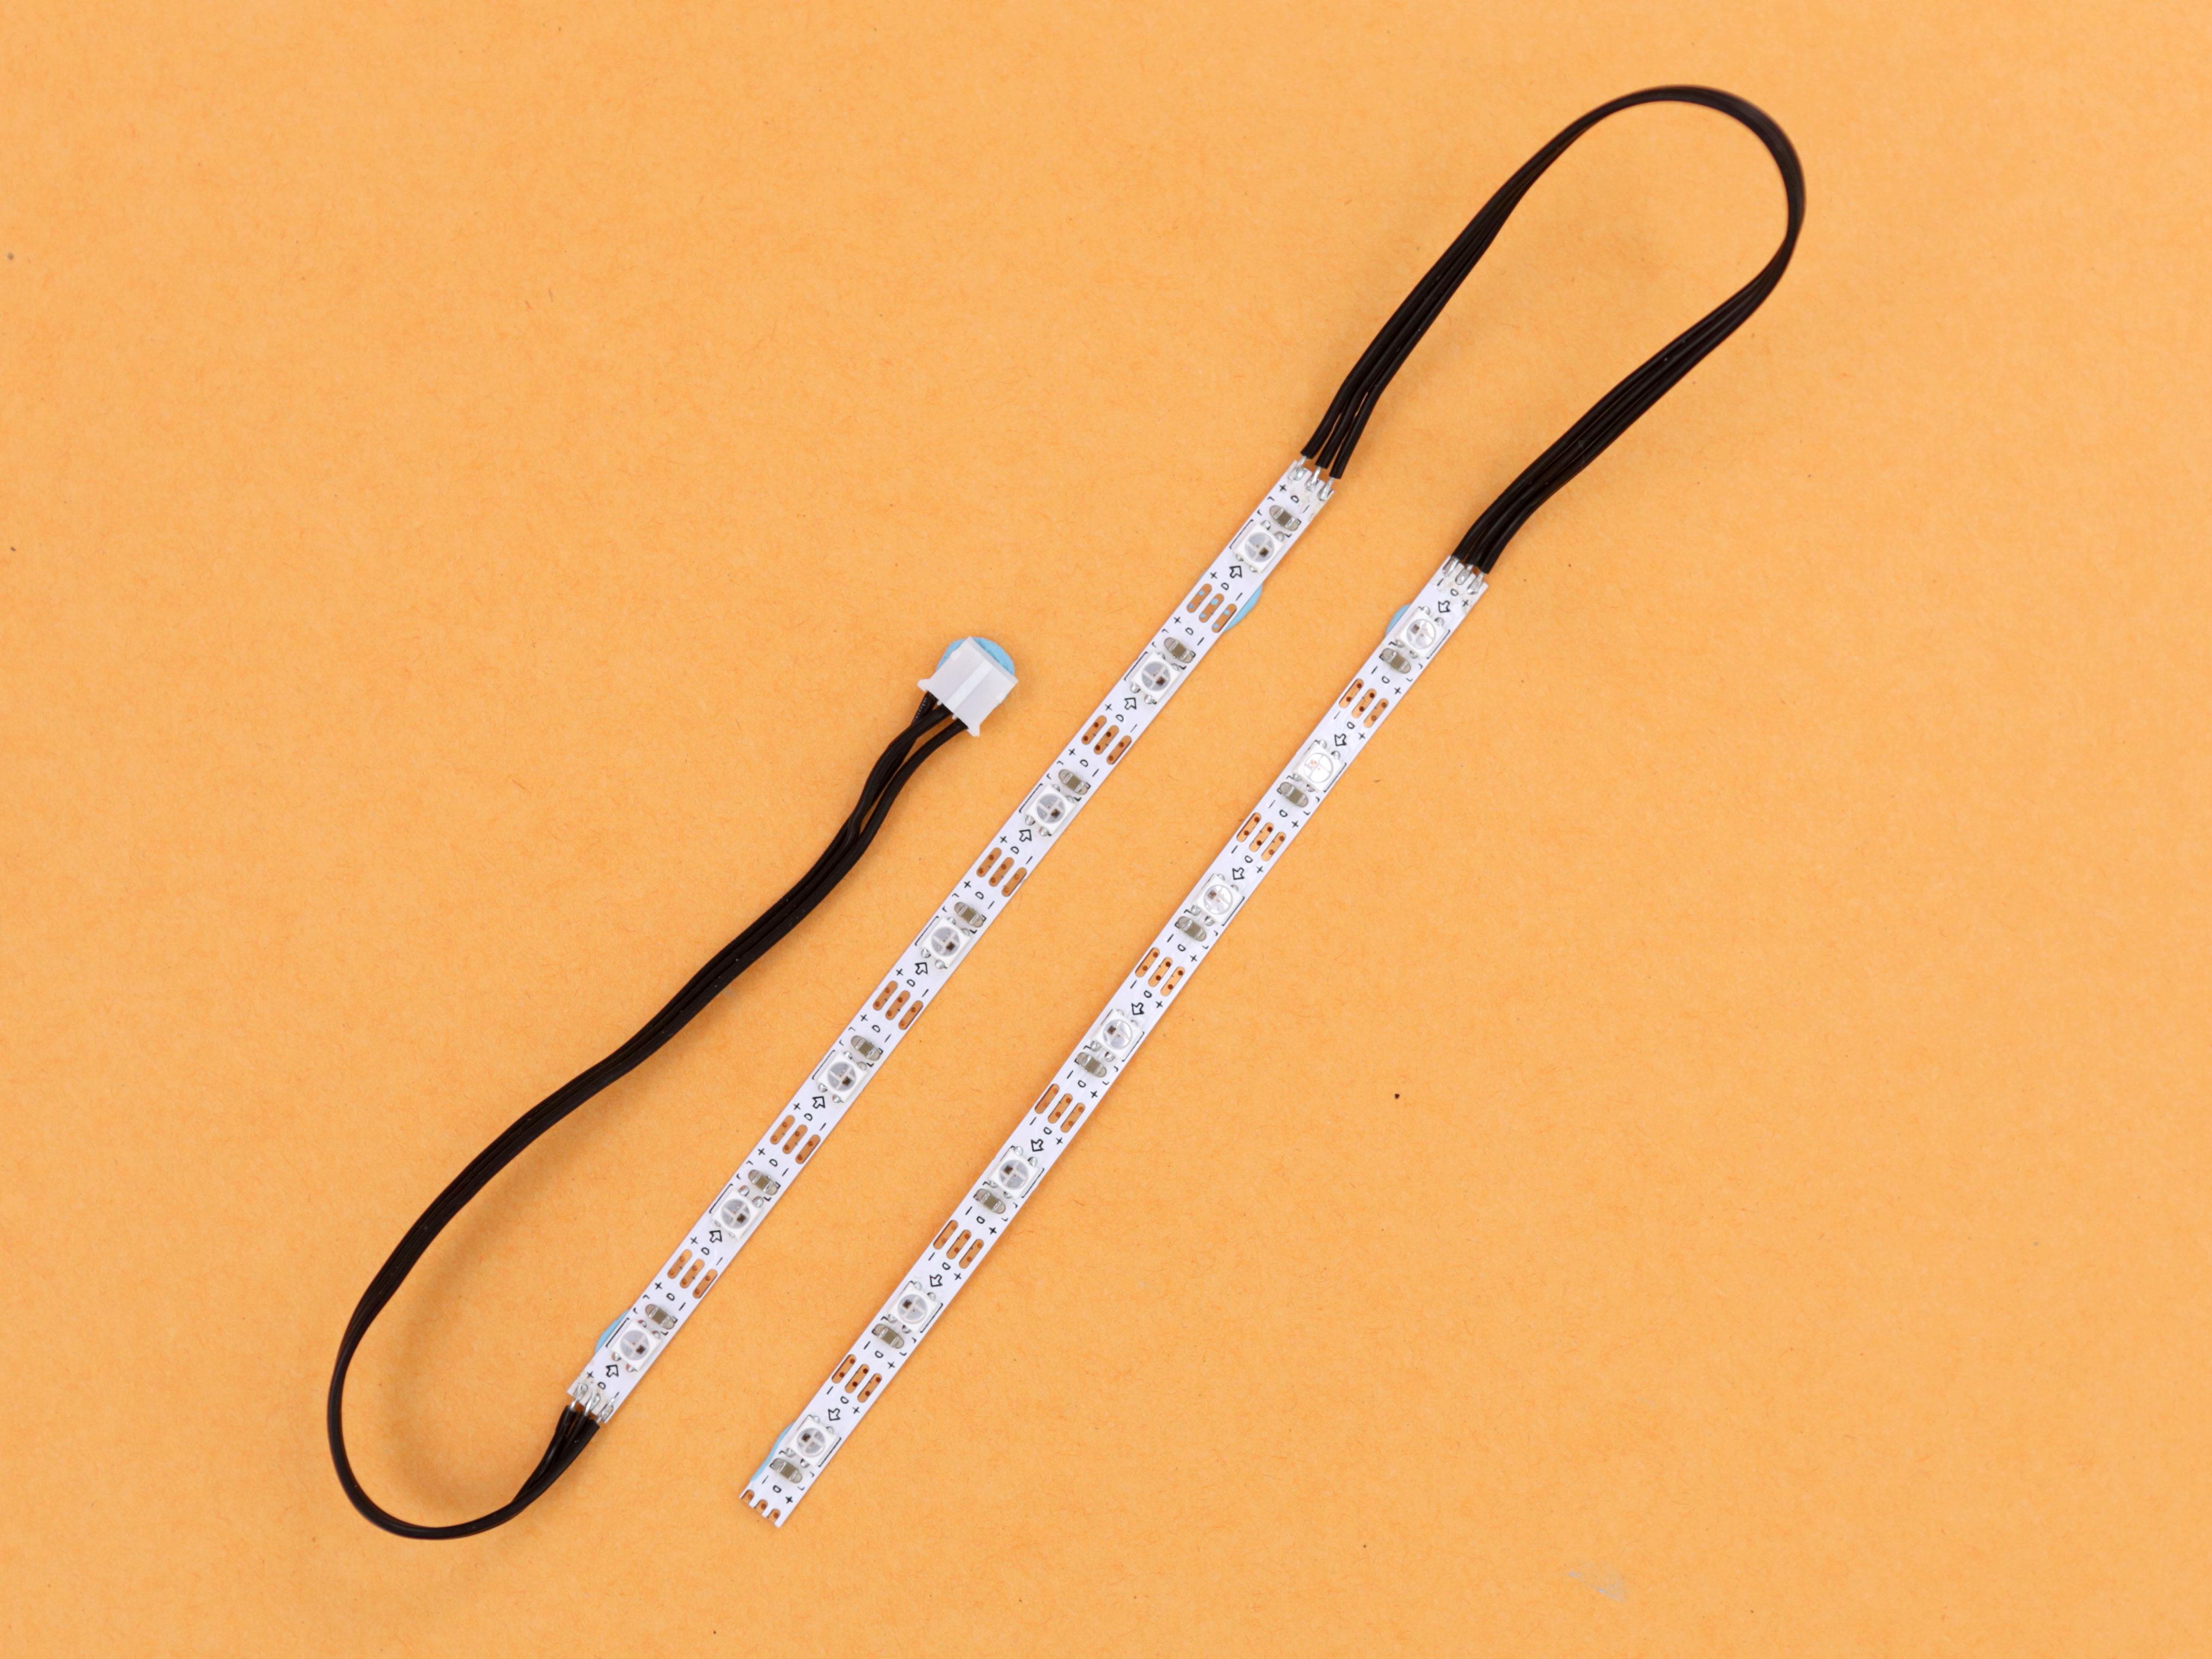 led_strips_neopixel-strip-wired.jpg